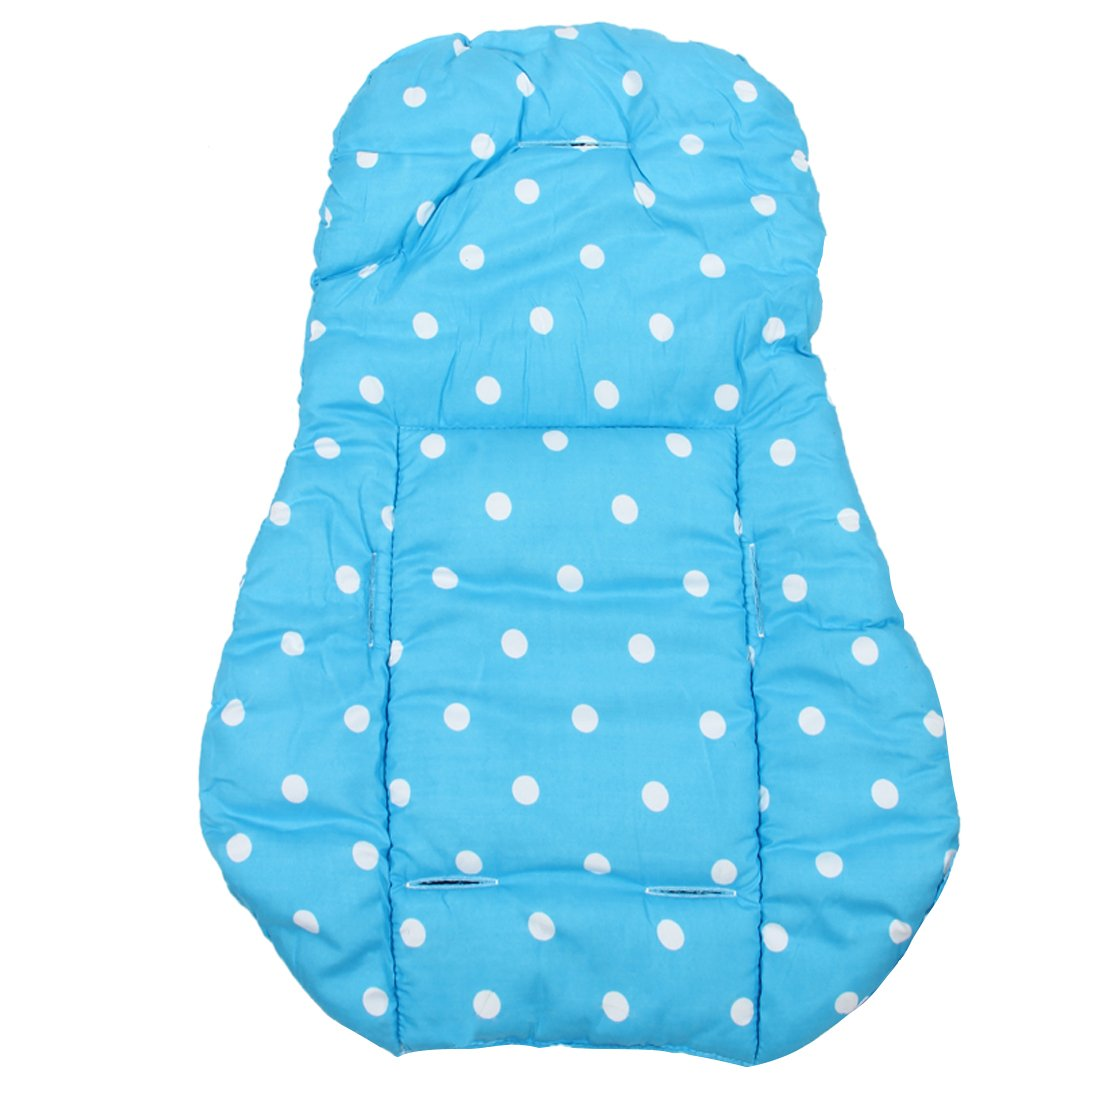 SODIAL Coussin en coton epais pour la poussette des bebes Siege de voiture Couverture de la Poussette Coussin en coton Tapis en coton pour la Siege de poussette infantile - Bleu